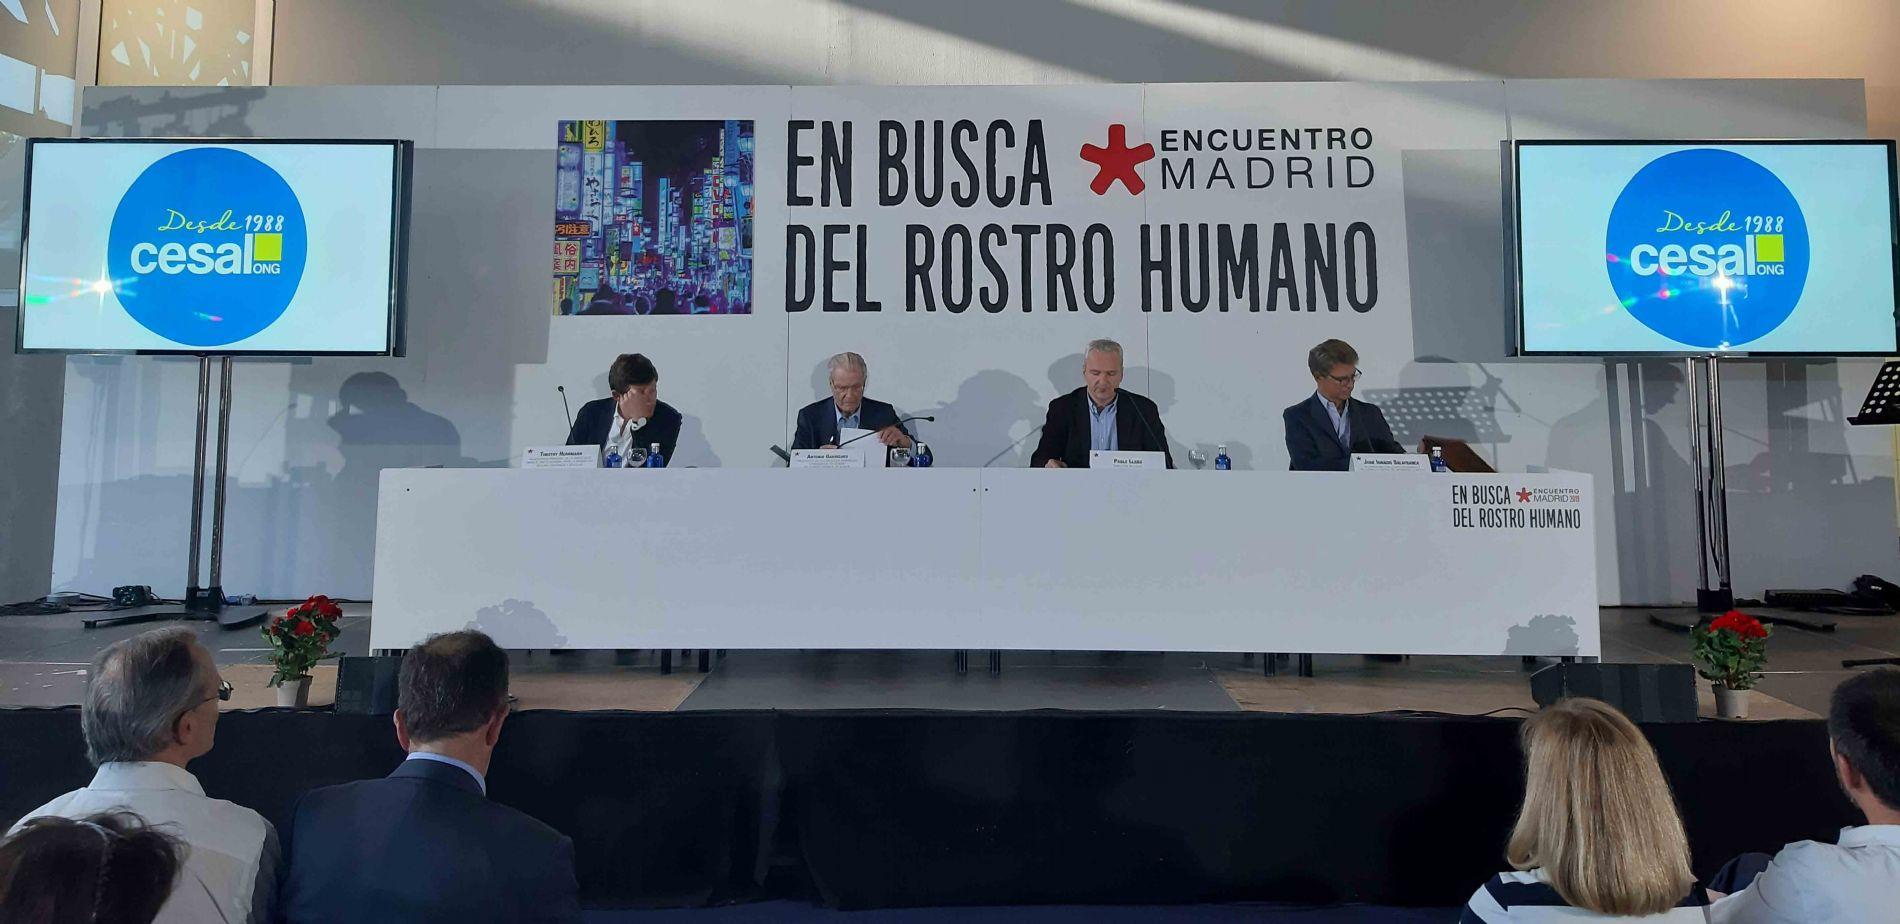 Encuentro Madrid 2019. Mira con sus ojos